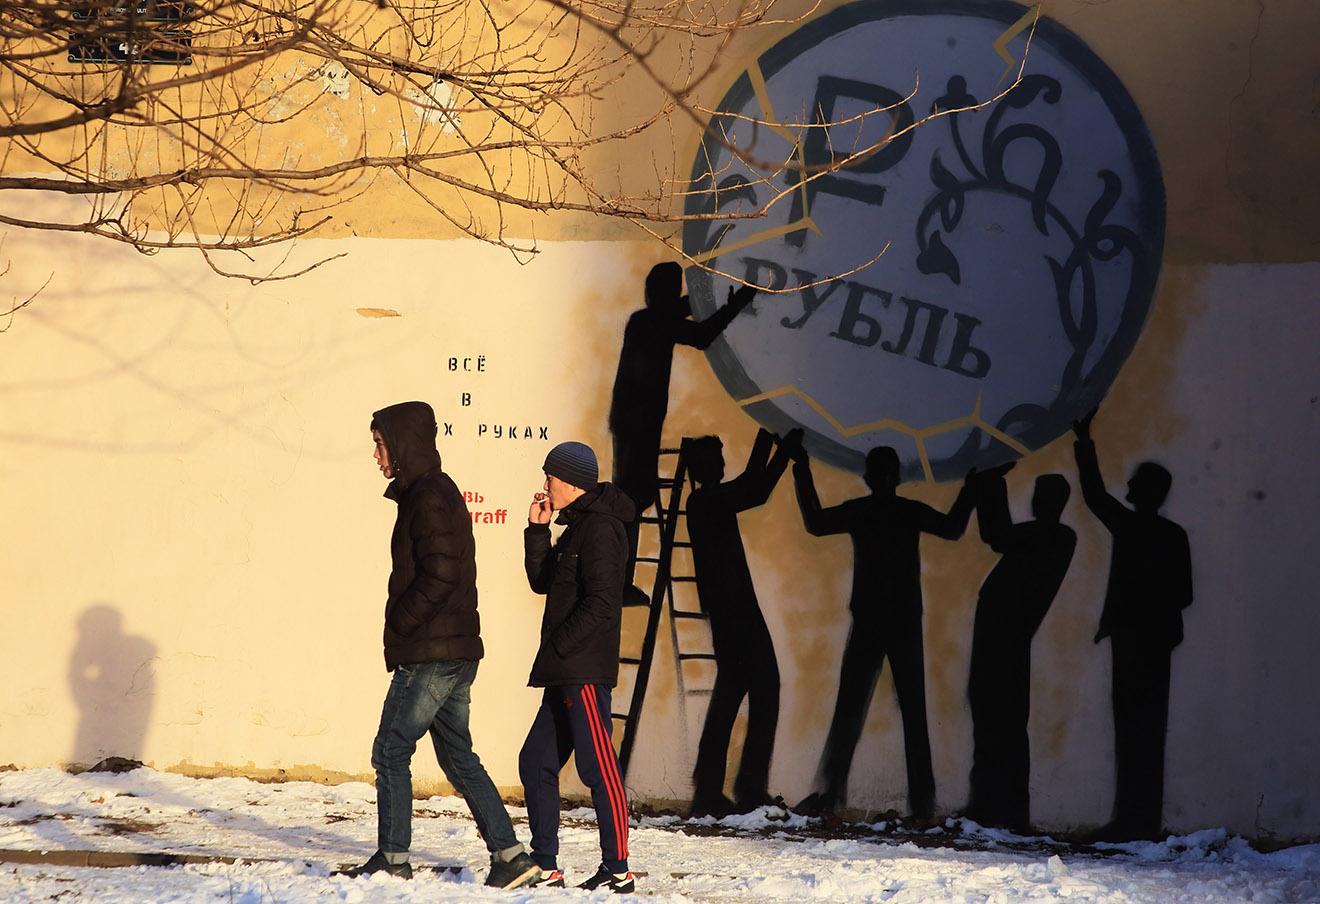 Граффити арт-группы «Явь» в Санкт-Петербурге. Рисунком падающего рубля художники хотели подбодрить россиян, напомнив, что кризис не повод для уныния.